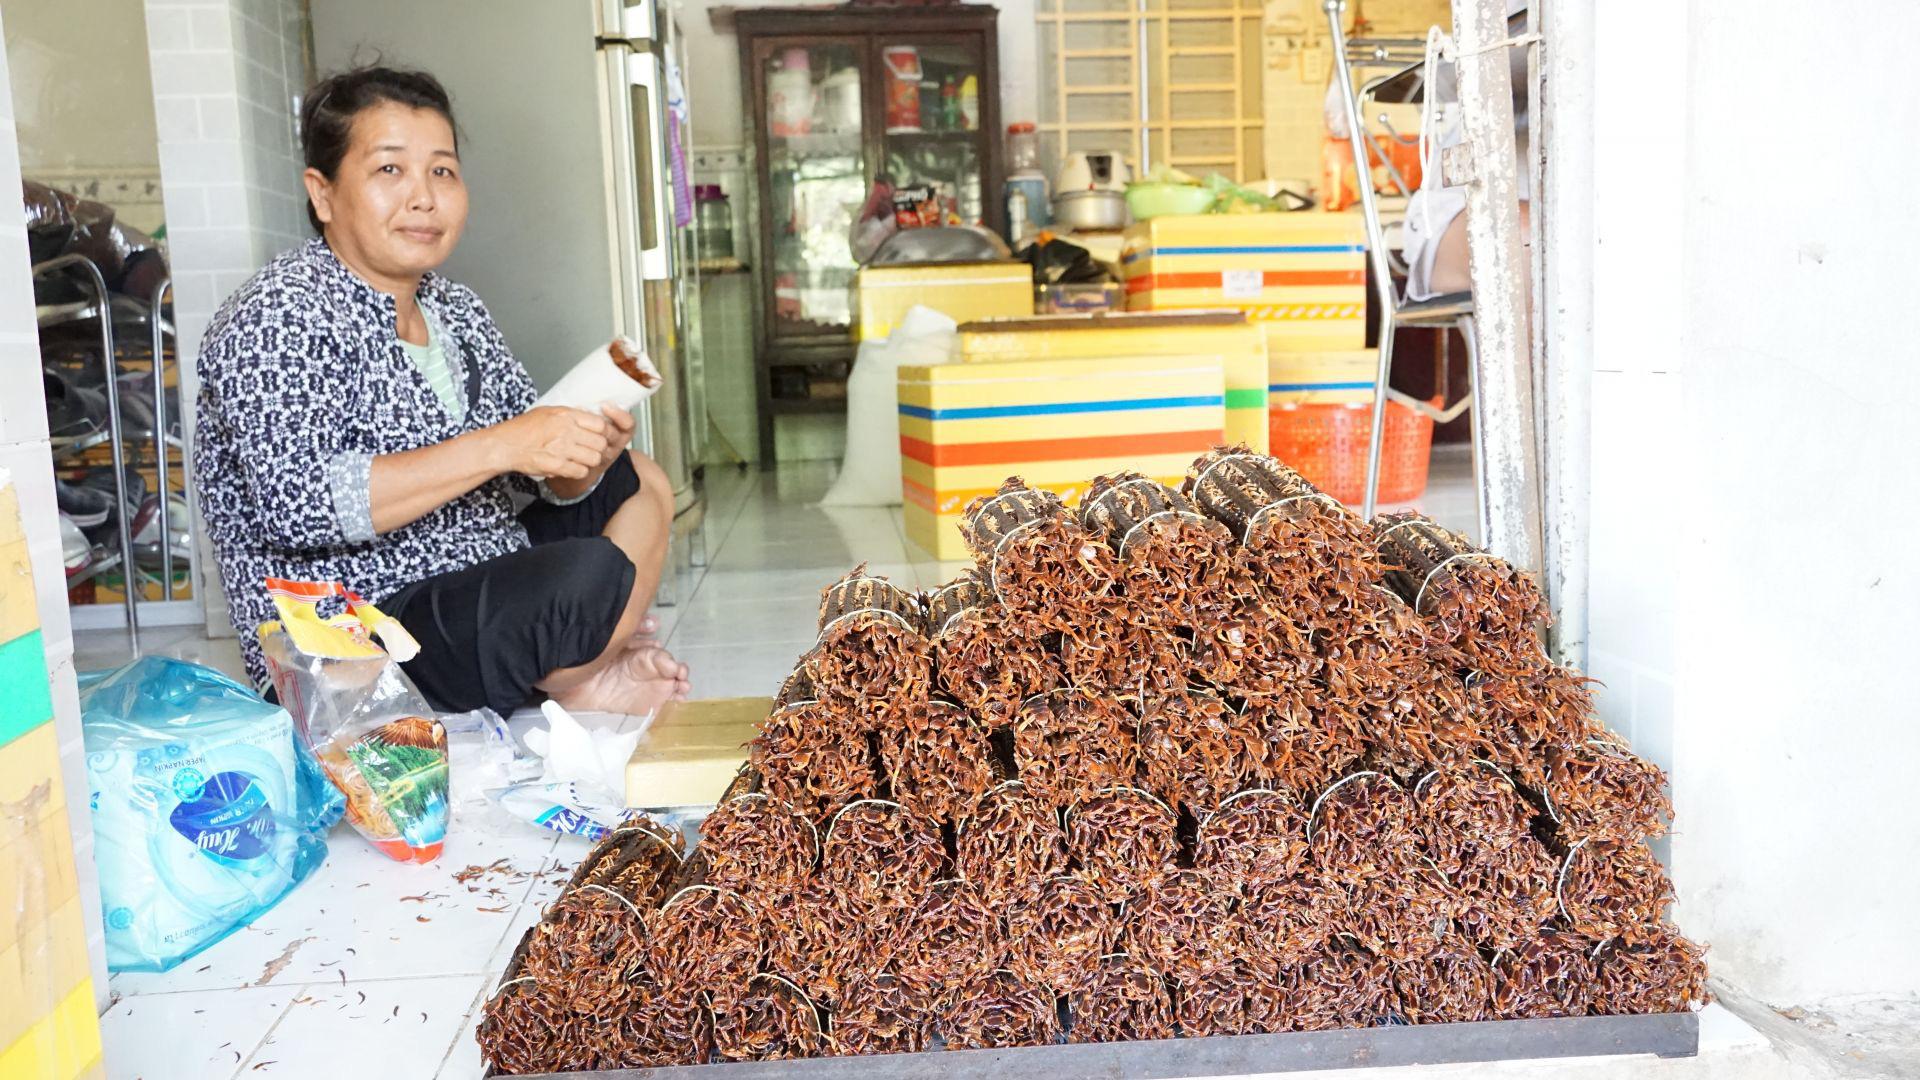 Tây Ninh: Nuôi những con rết to như ngón tay, nhìn phát ghê, thương lái Trung Quốc mua tiền triệu/kg - Ảnh 2.